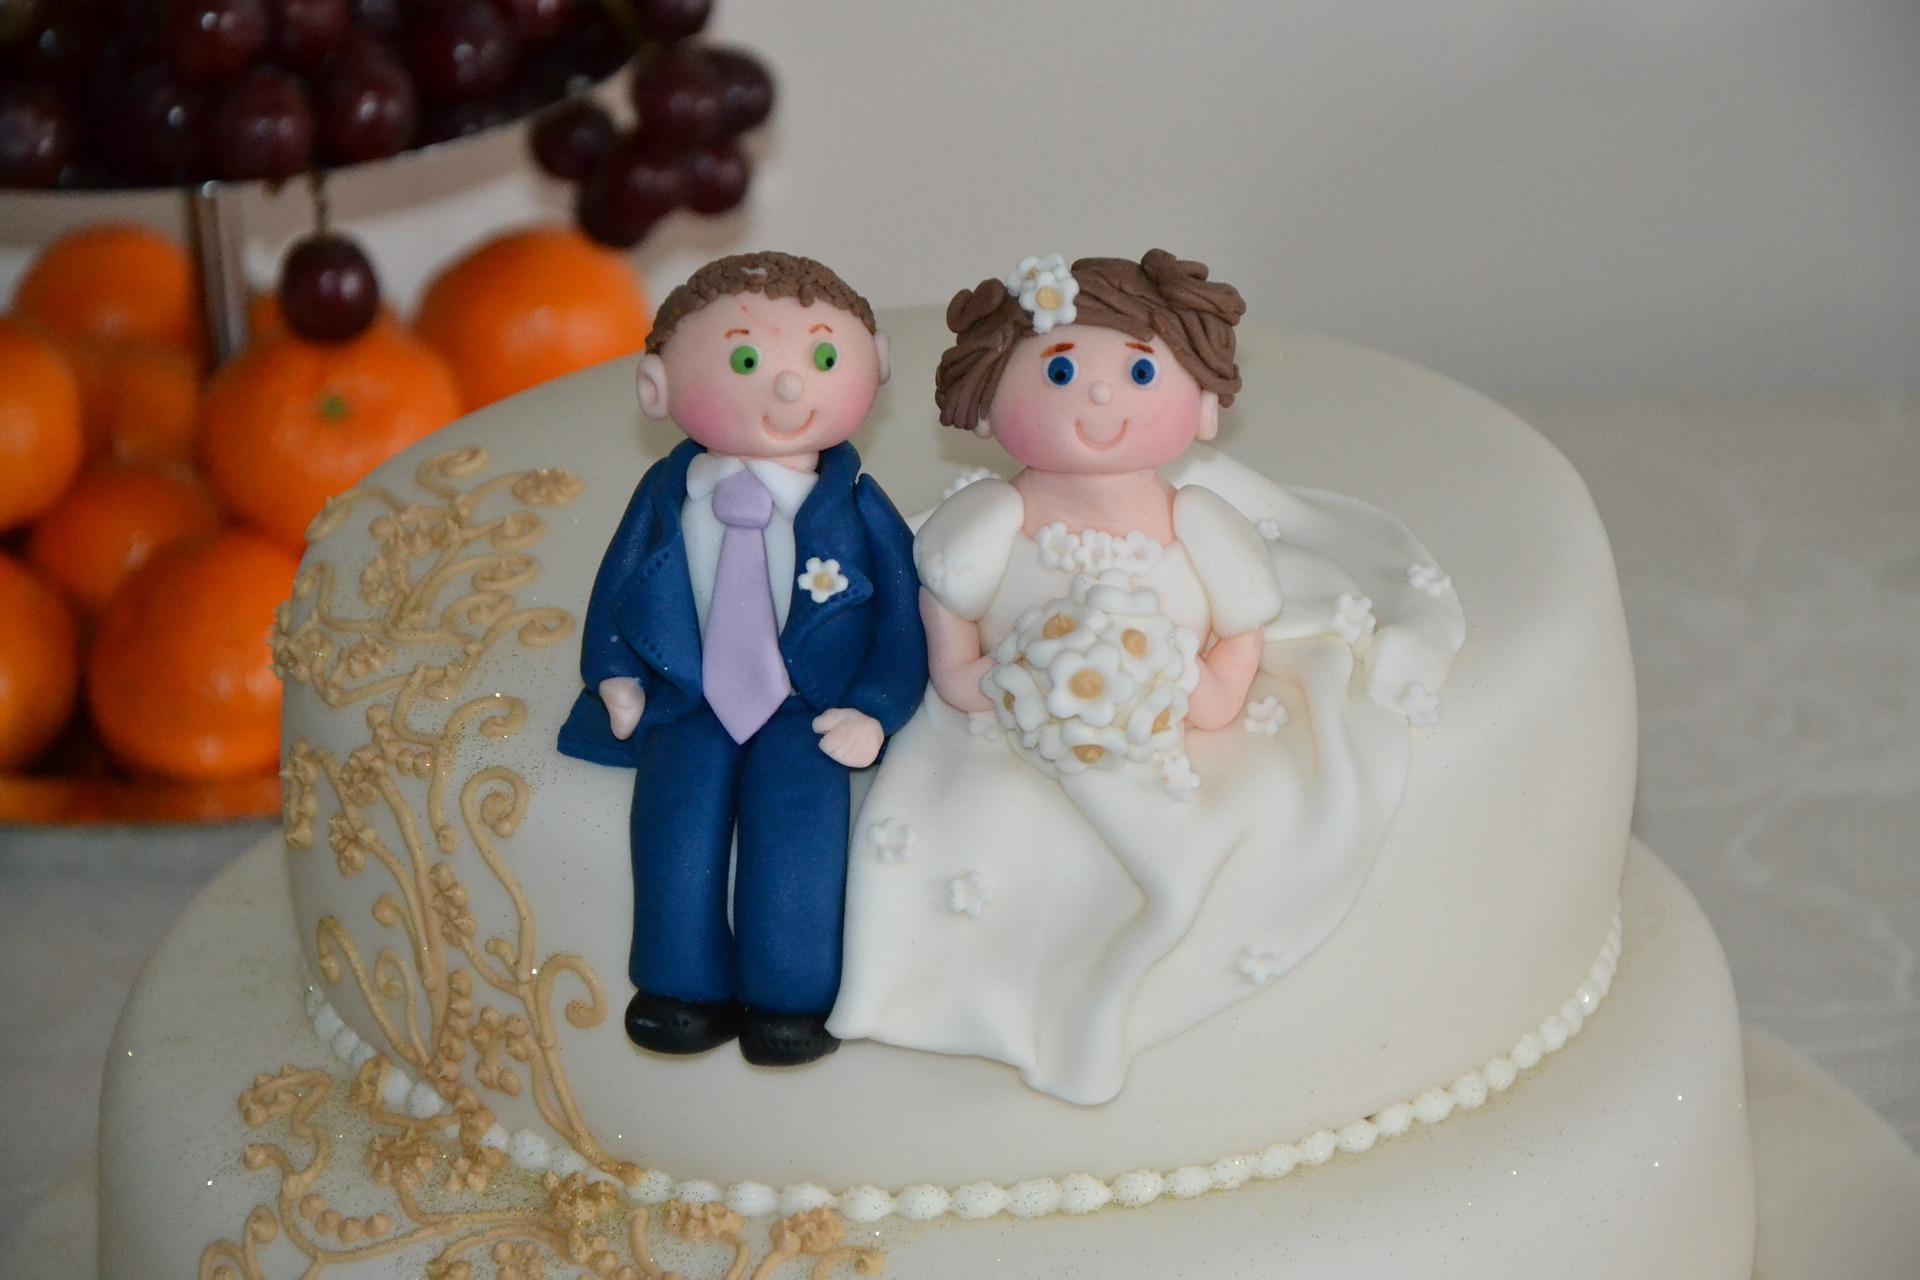 מארגנים חתונה: כך תחסכו בעלויות האירוע